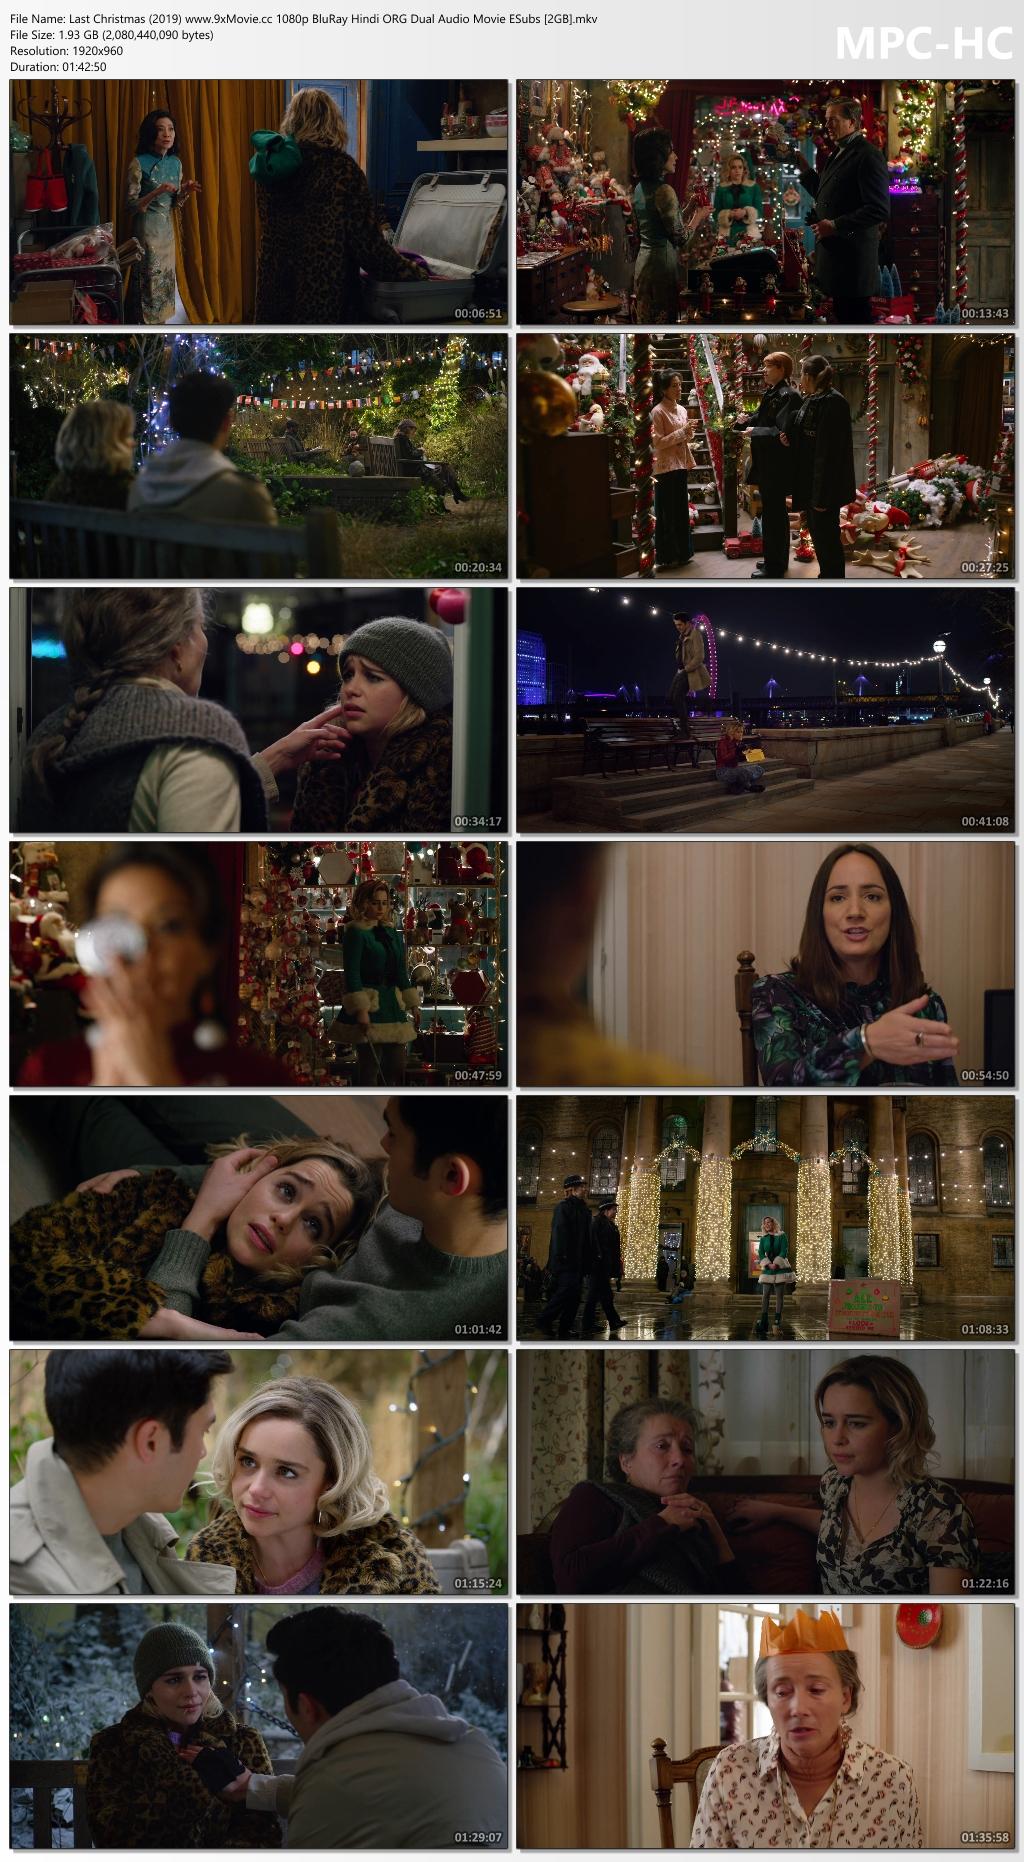 Last-Christmas-2019-www-9x-Movie-cc-1080p-Blu-Ray-Hindi-ORG-Dual-Audio-Movie-ESubs-2-GB-mkv